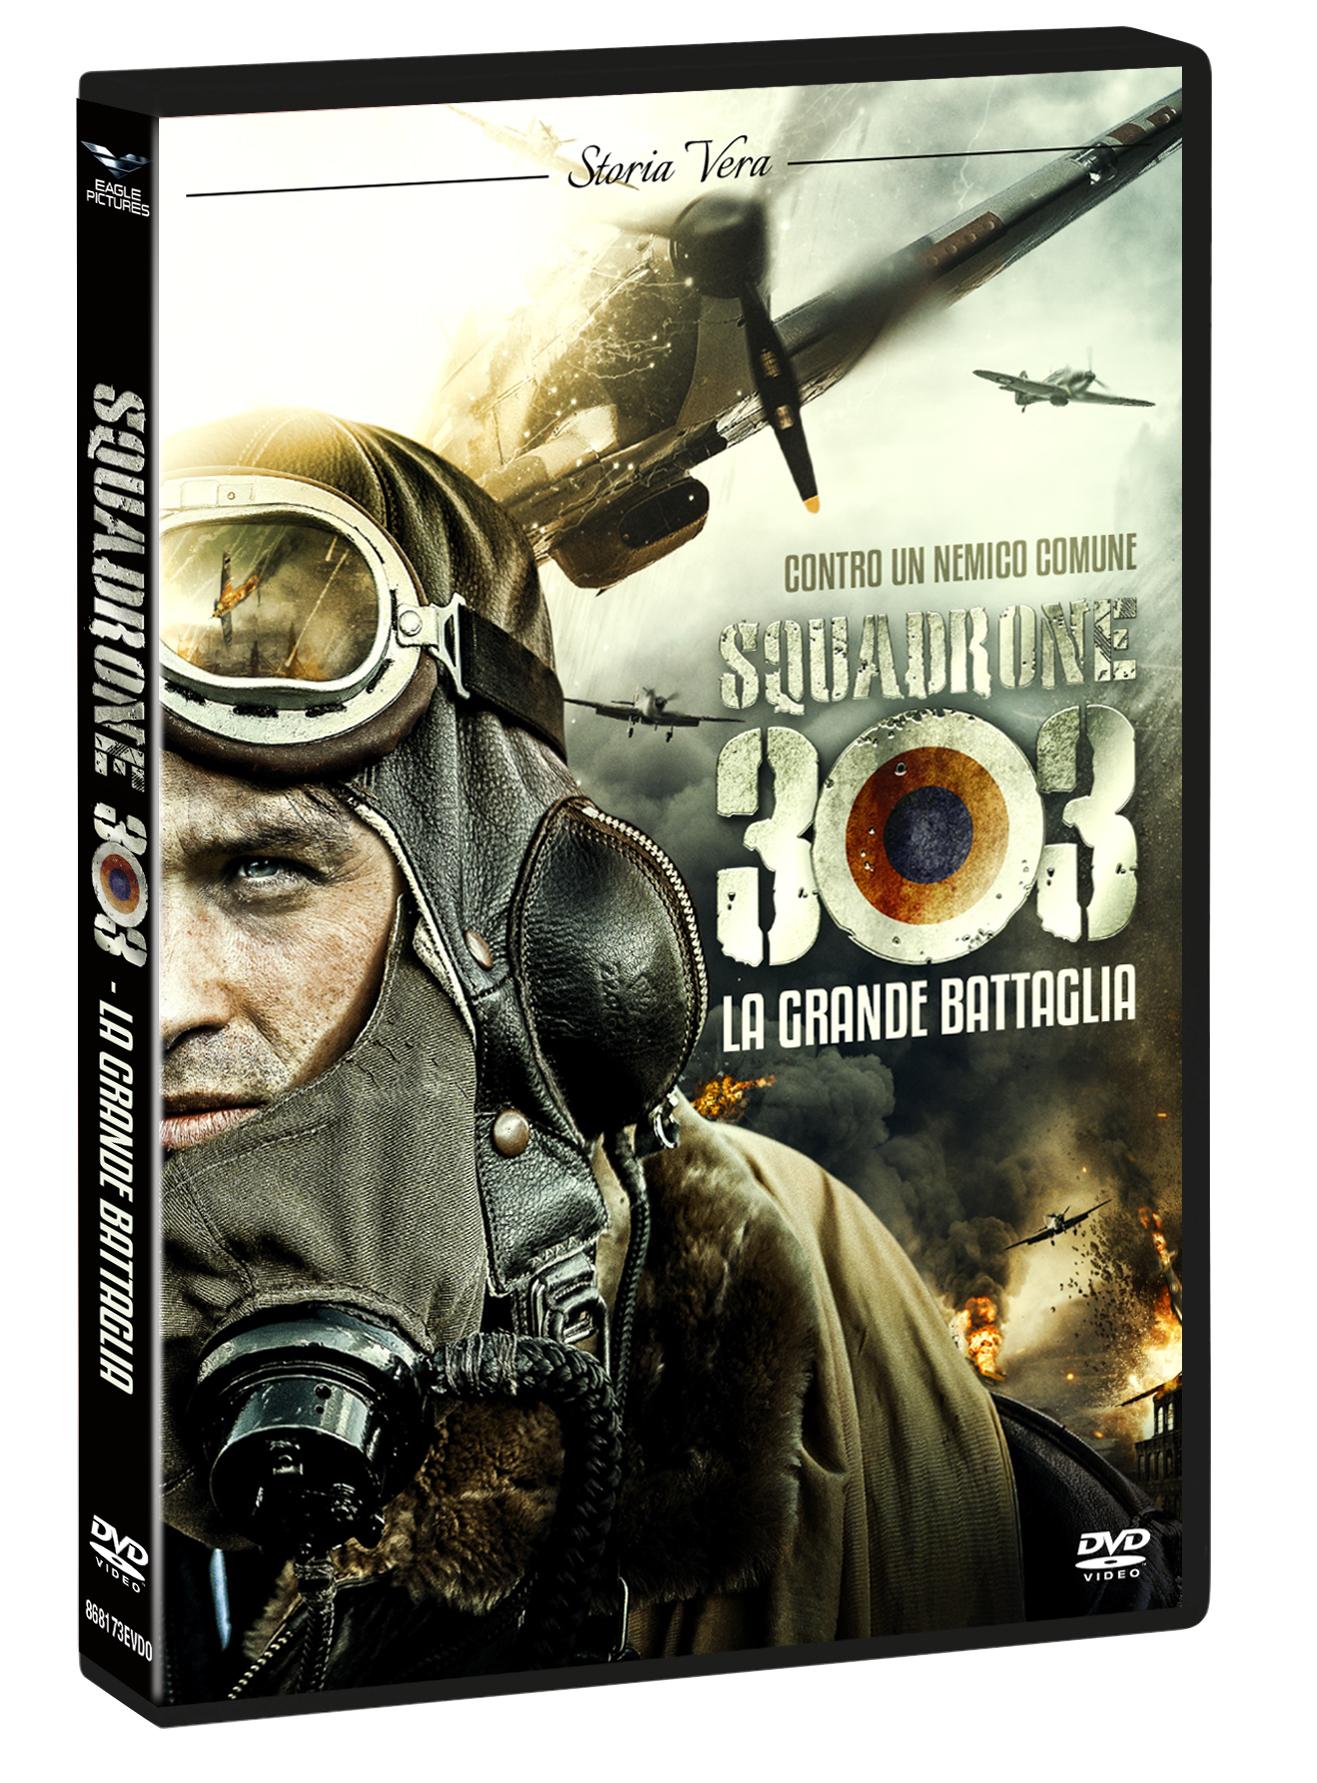 SQUADRONE 303 - LA GRANDE BATTAGLIA (DVD)